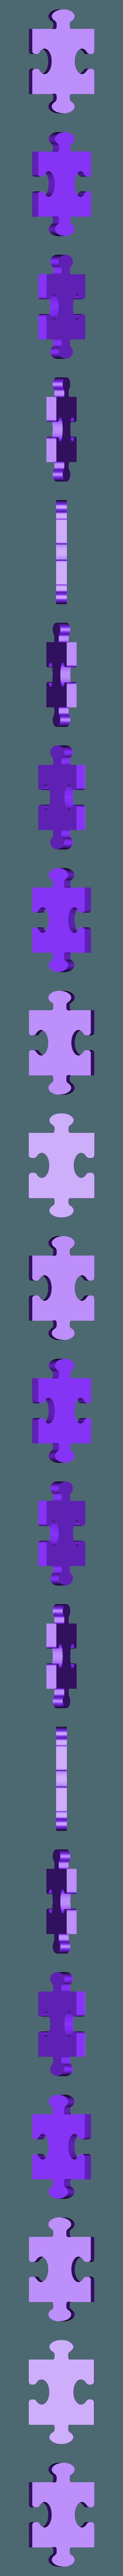 A1.stl Télécharger fichier STL gratuit Plaque de puzzle • Plan à imprimer en 3D, quangdo1700